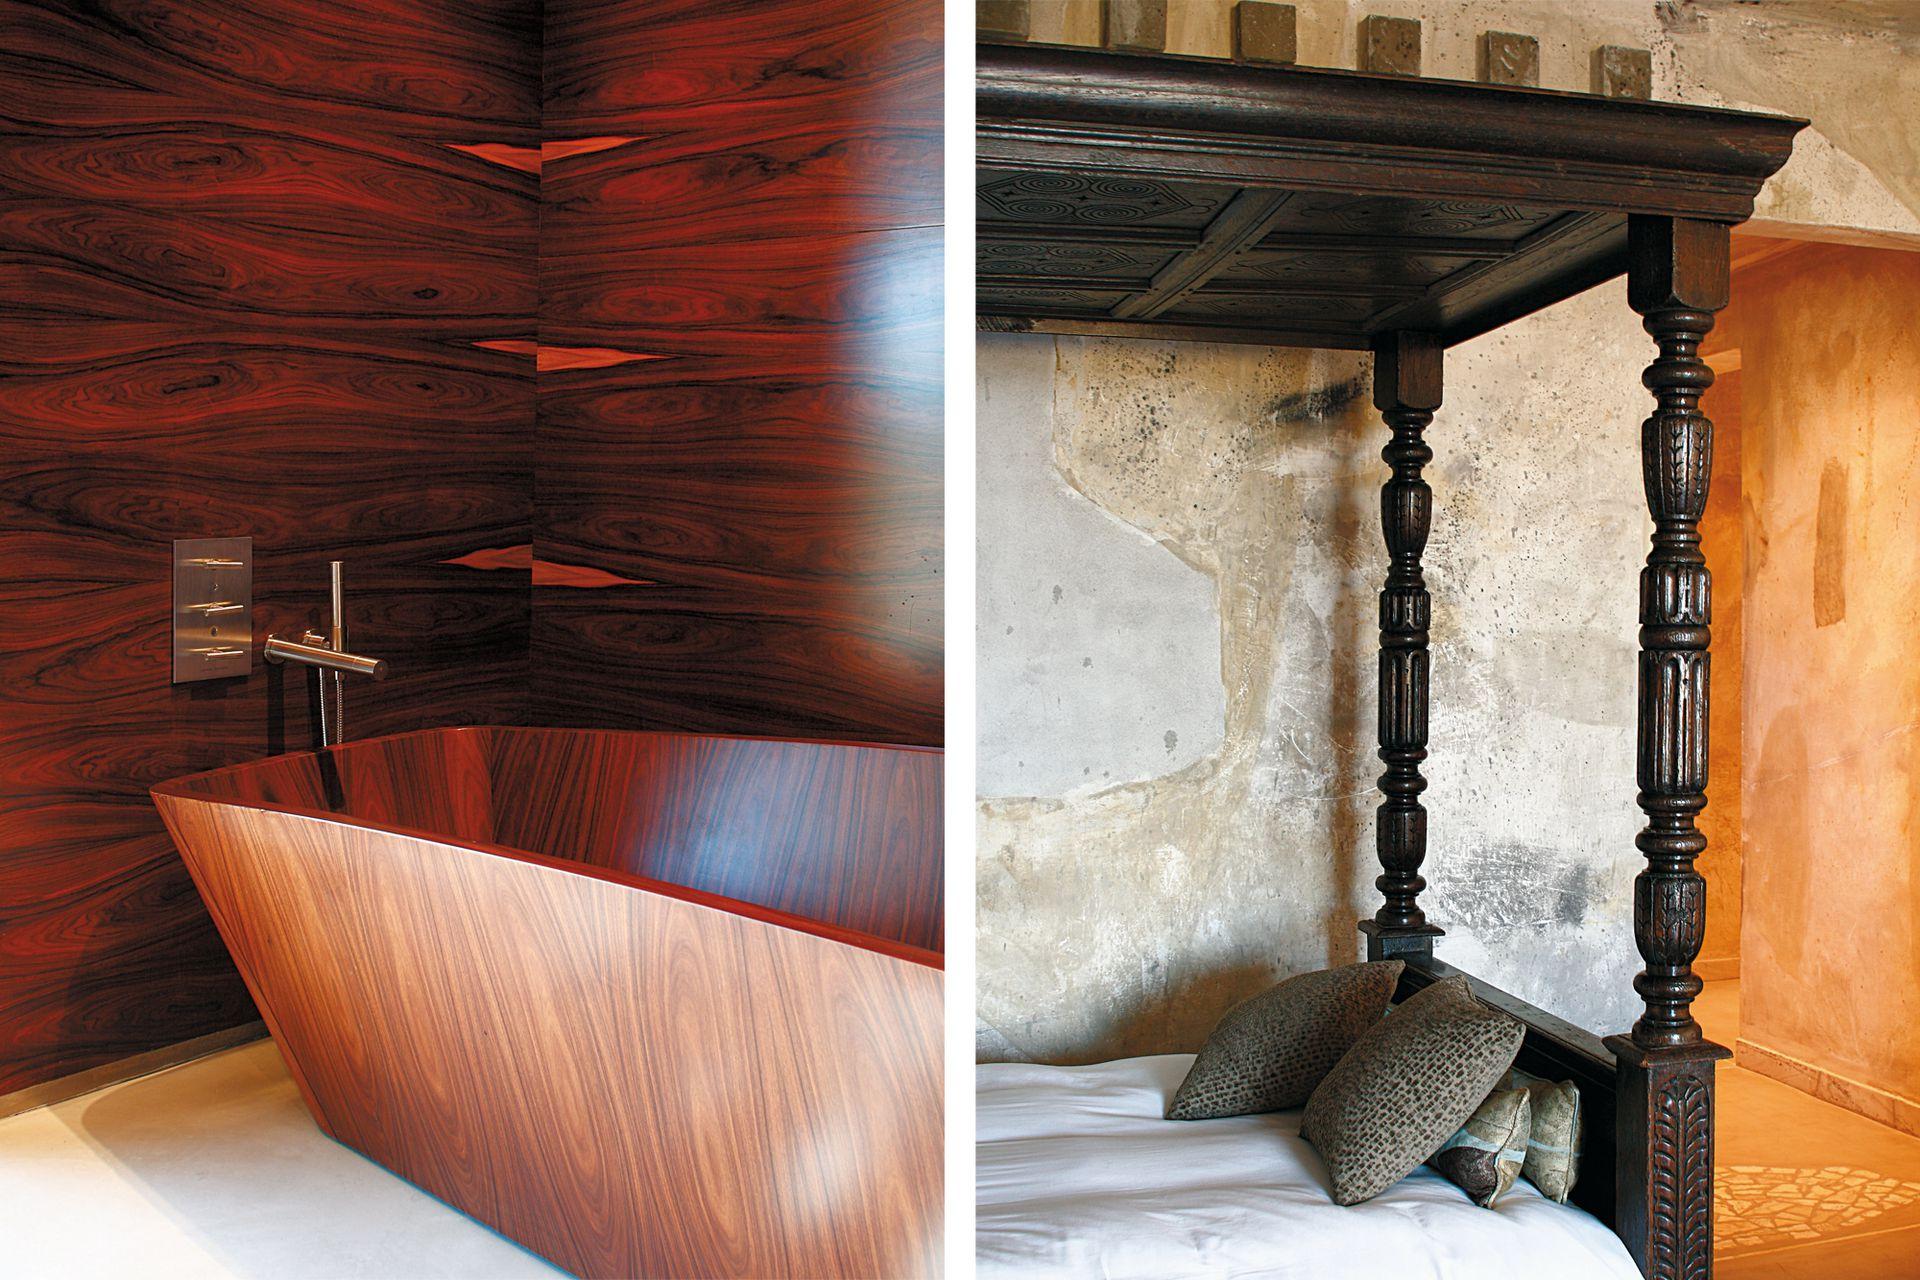 El baño de la Suite Vik, enteramente hecho en jacarandá de la India por los hermanos Leal, de Montevideo. Al lado, el artista Eduardo Cardozo, trabajó directamente sobre las paredes, donde representó escenas del campo.